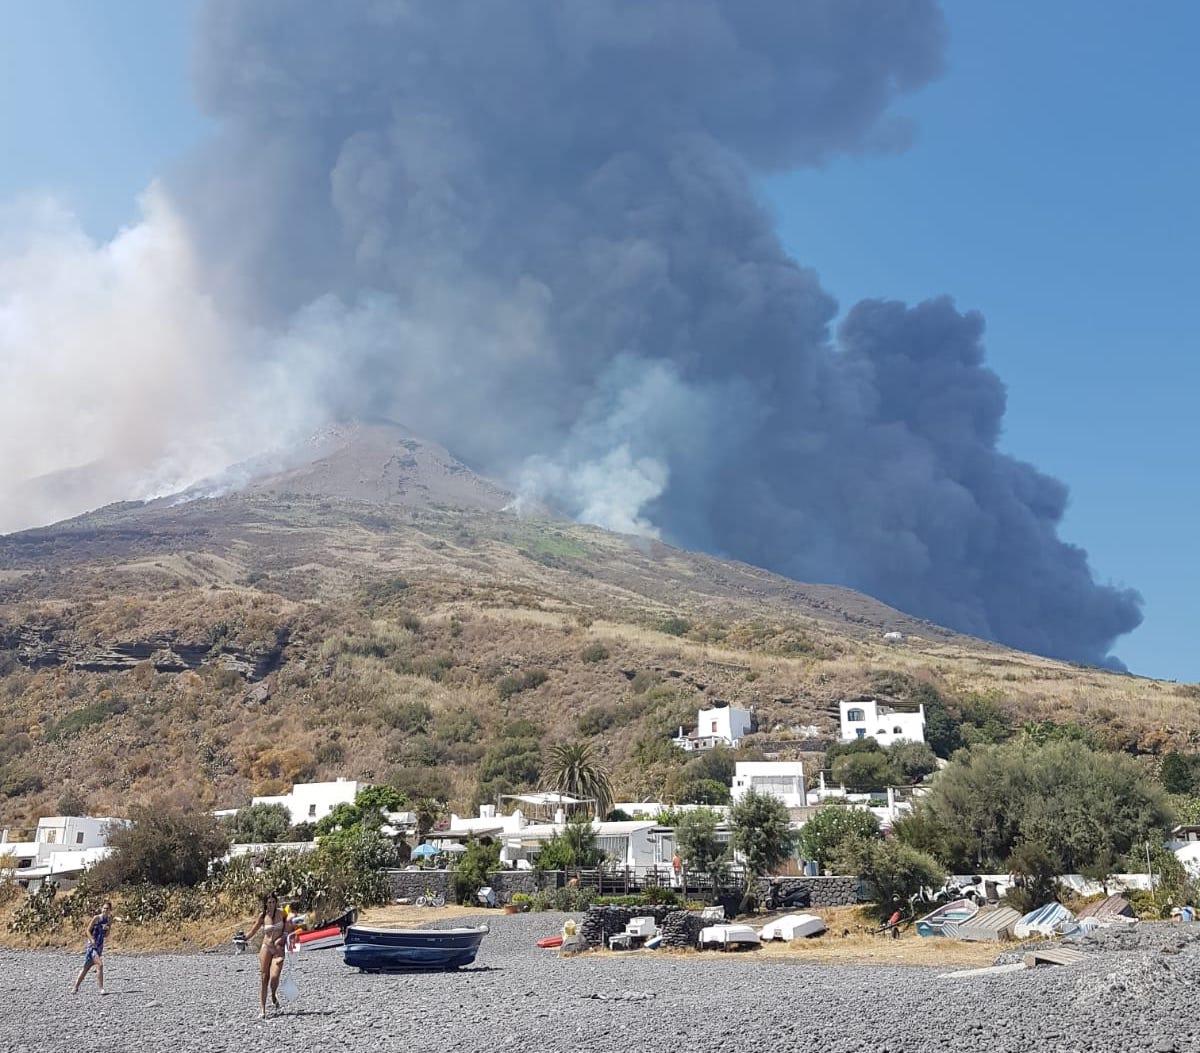 Violenta eruzione dello Stromboli: il comunicato INGV e gli ultimi aggiornamenti